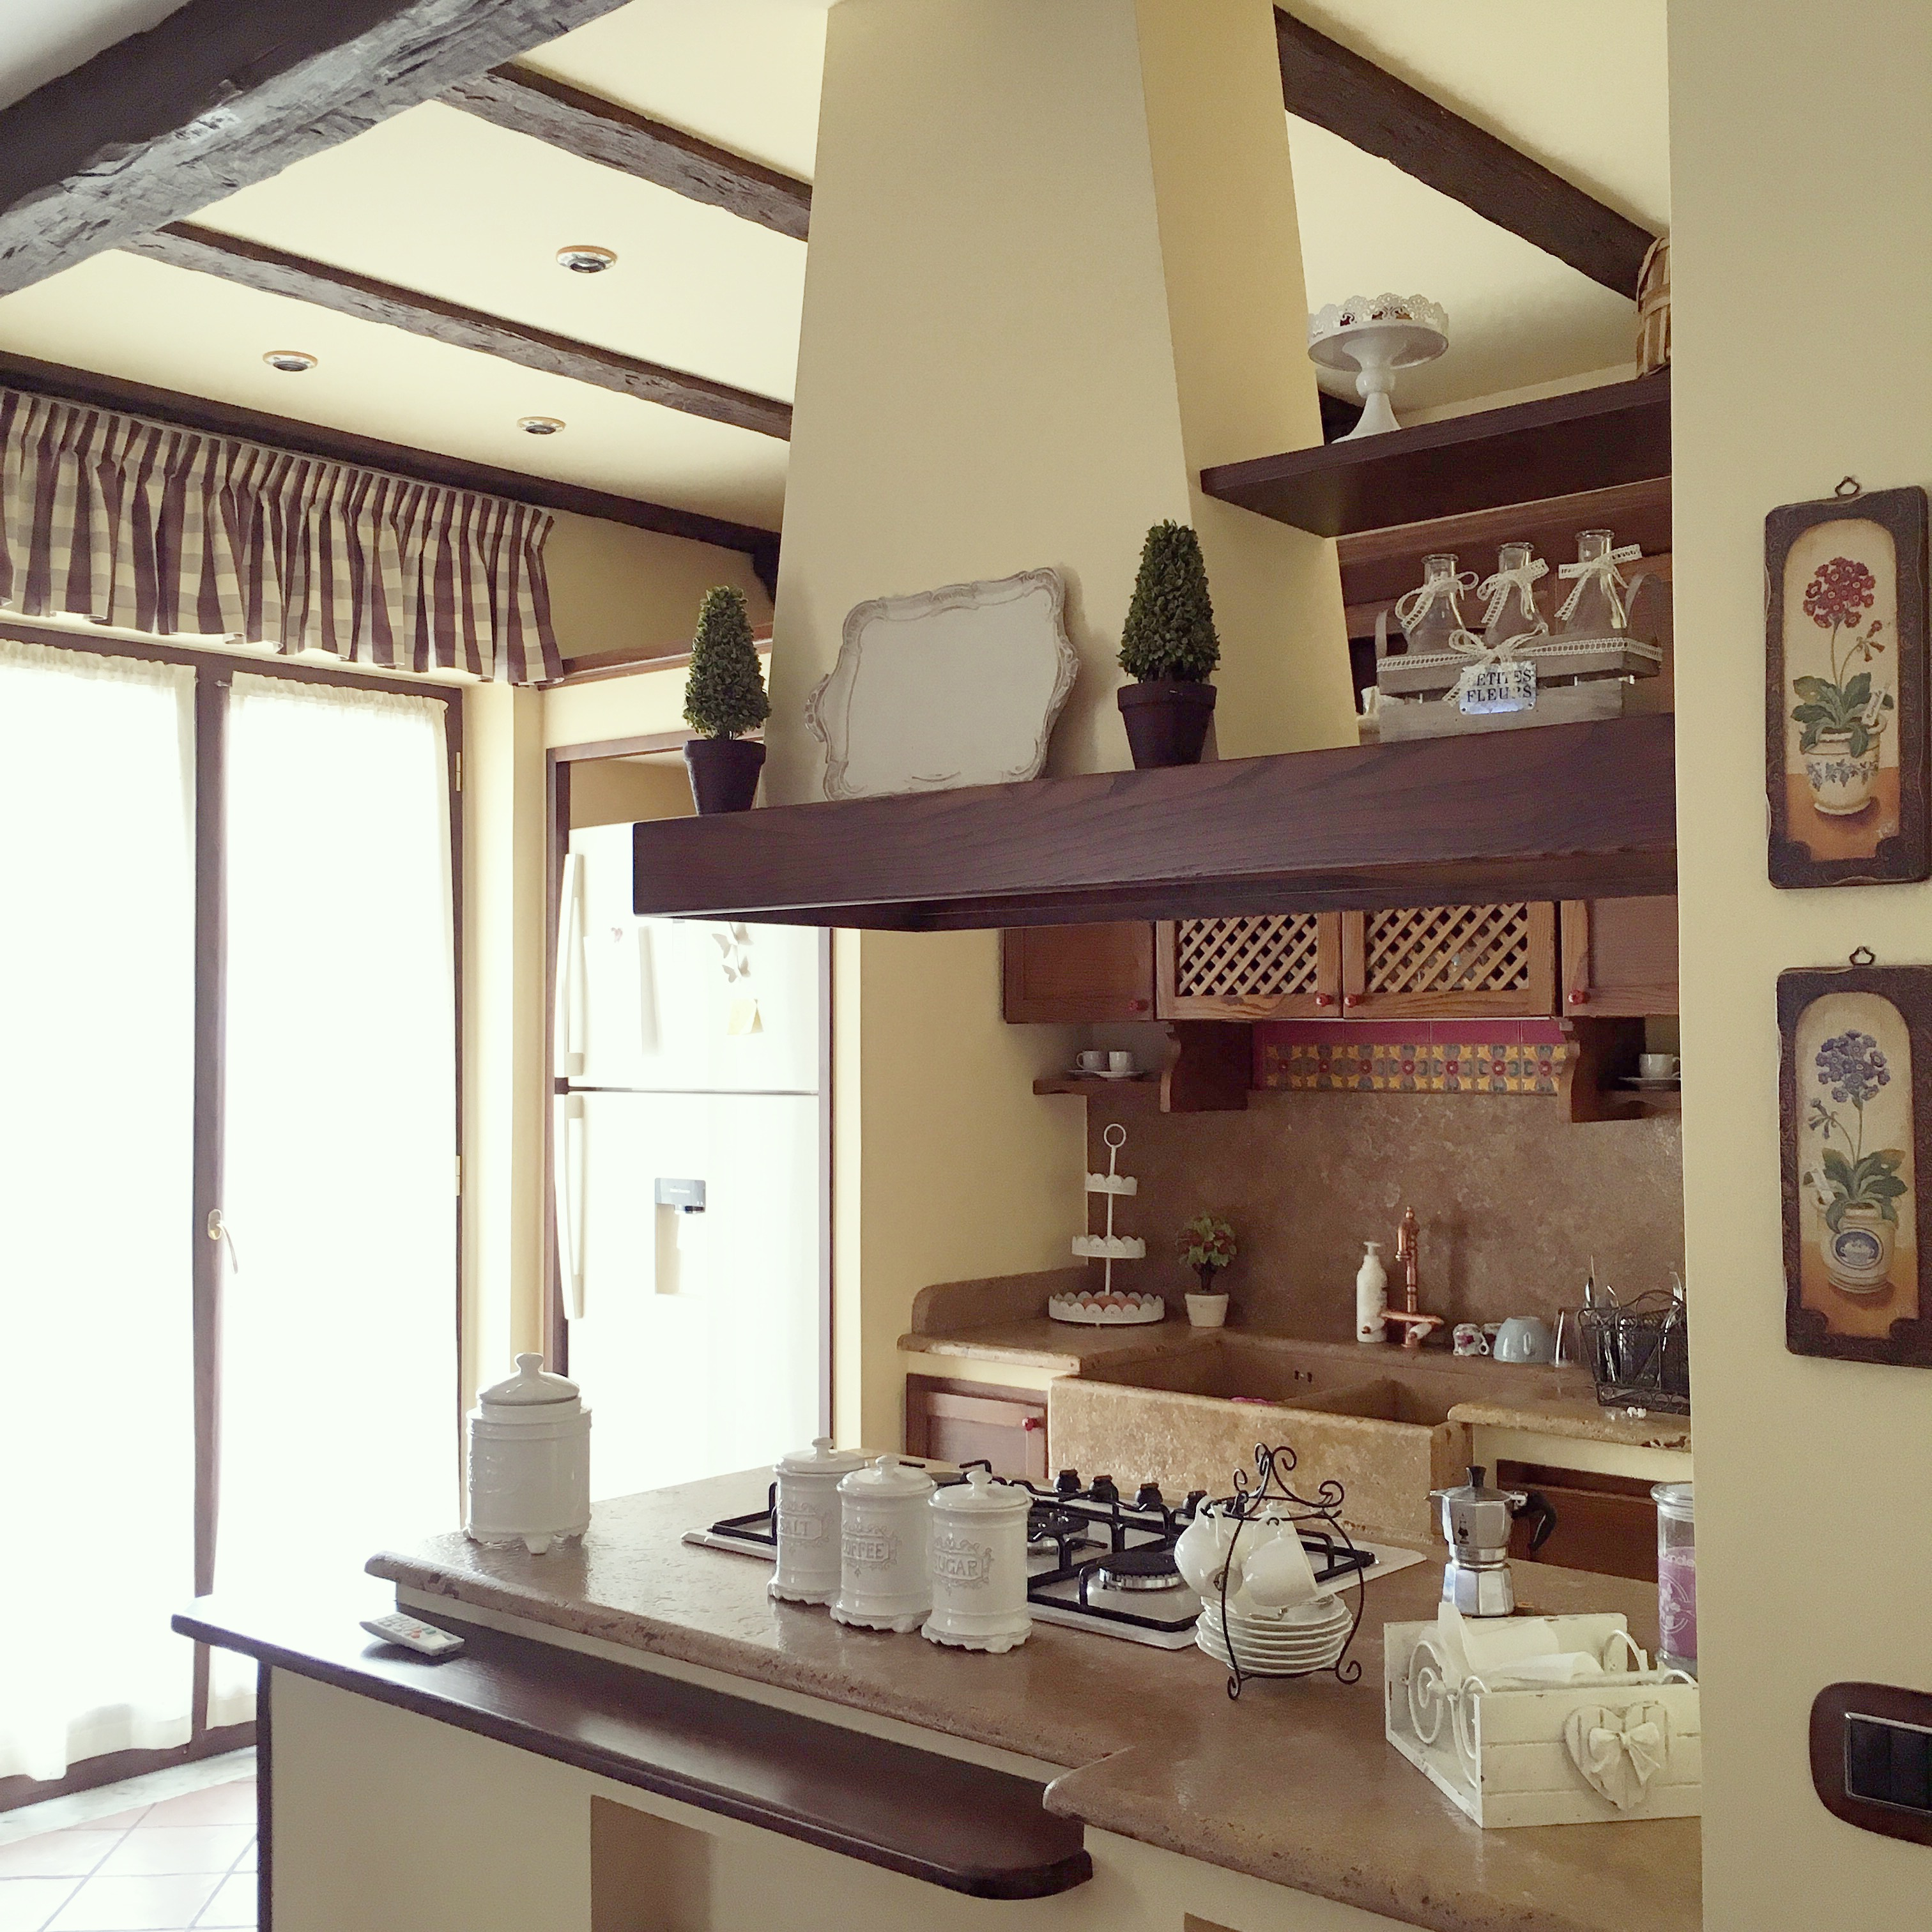 La mia casa tra stile rustico e provenzale the womoms for Programma la mia casa